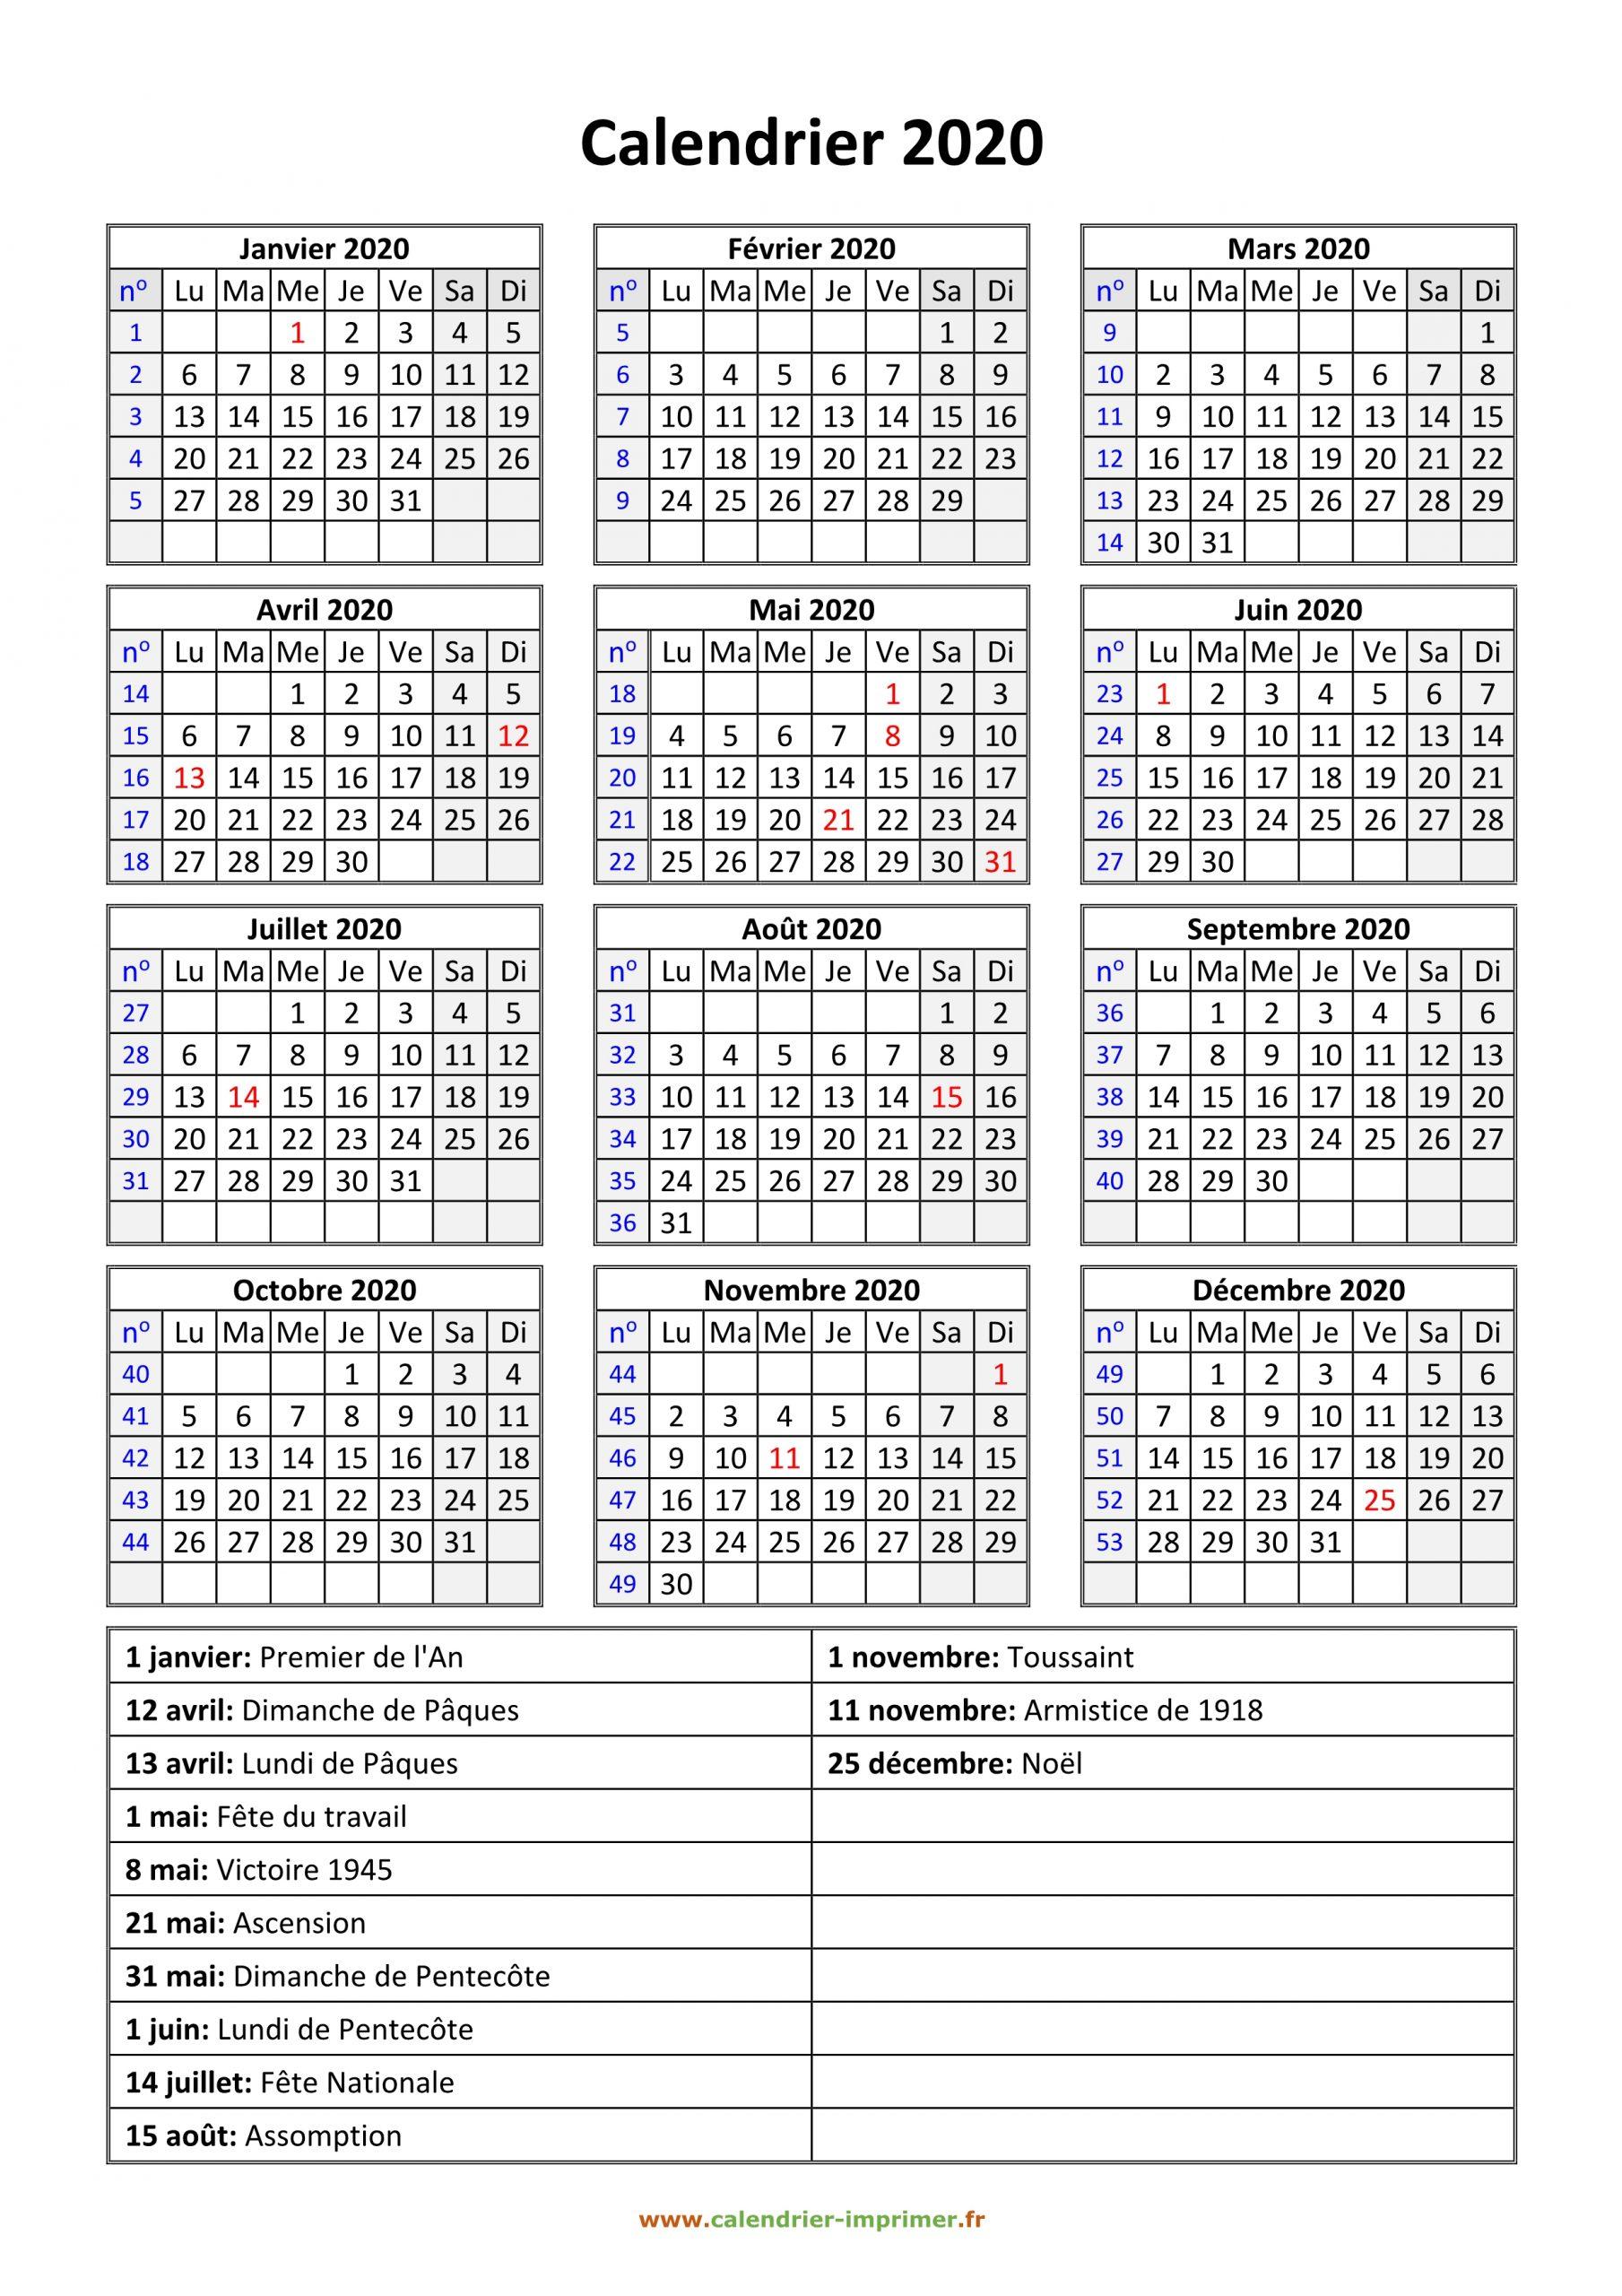 Calendrier 2020 À Imprimer Gratuit intérieur Calendrier Annuel 2018 À Imprimer